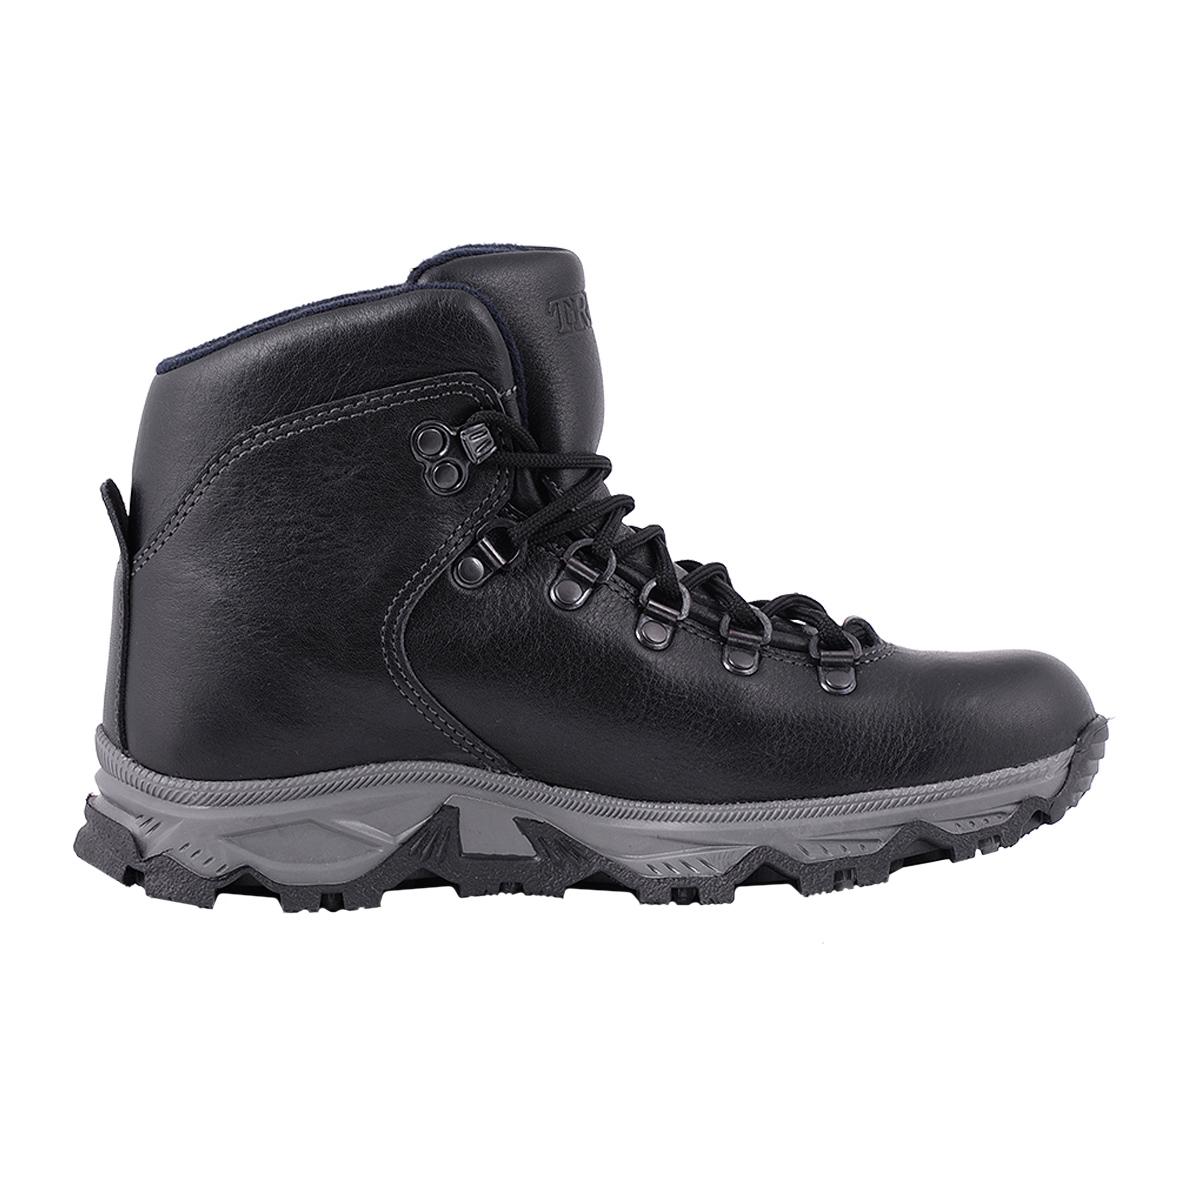 Купить Ботинки TREK Hiking18 (шерс.мех), Обувная фабрика Trek